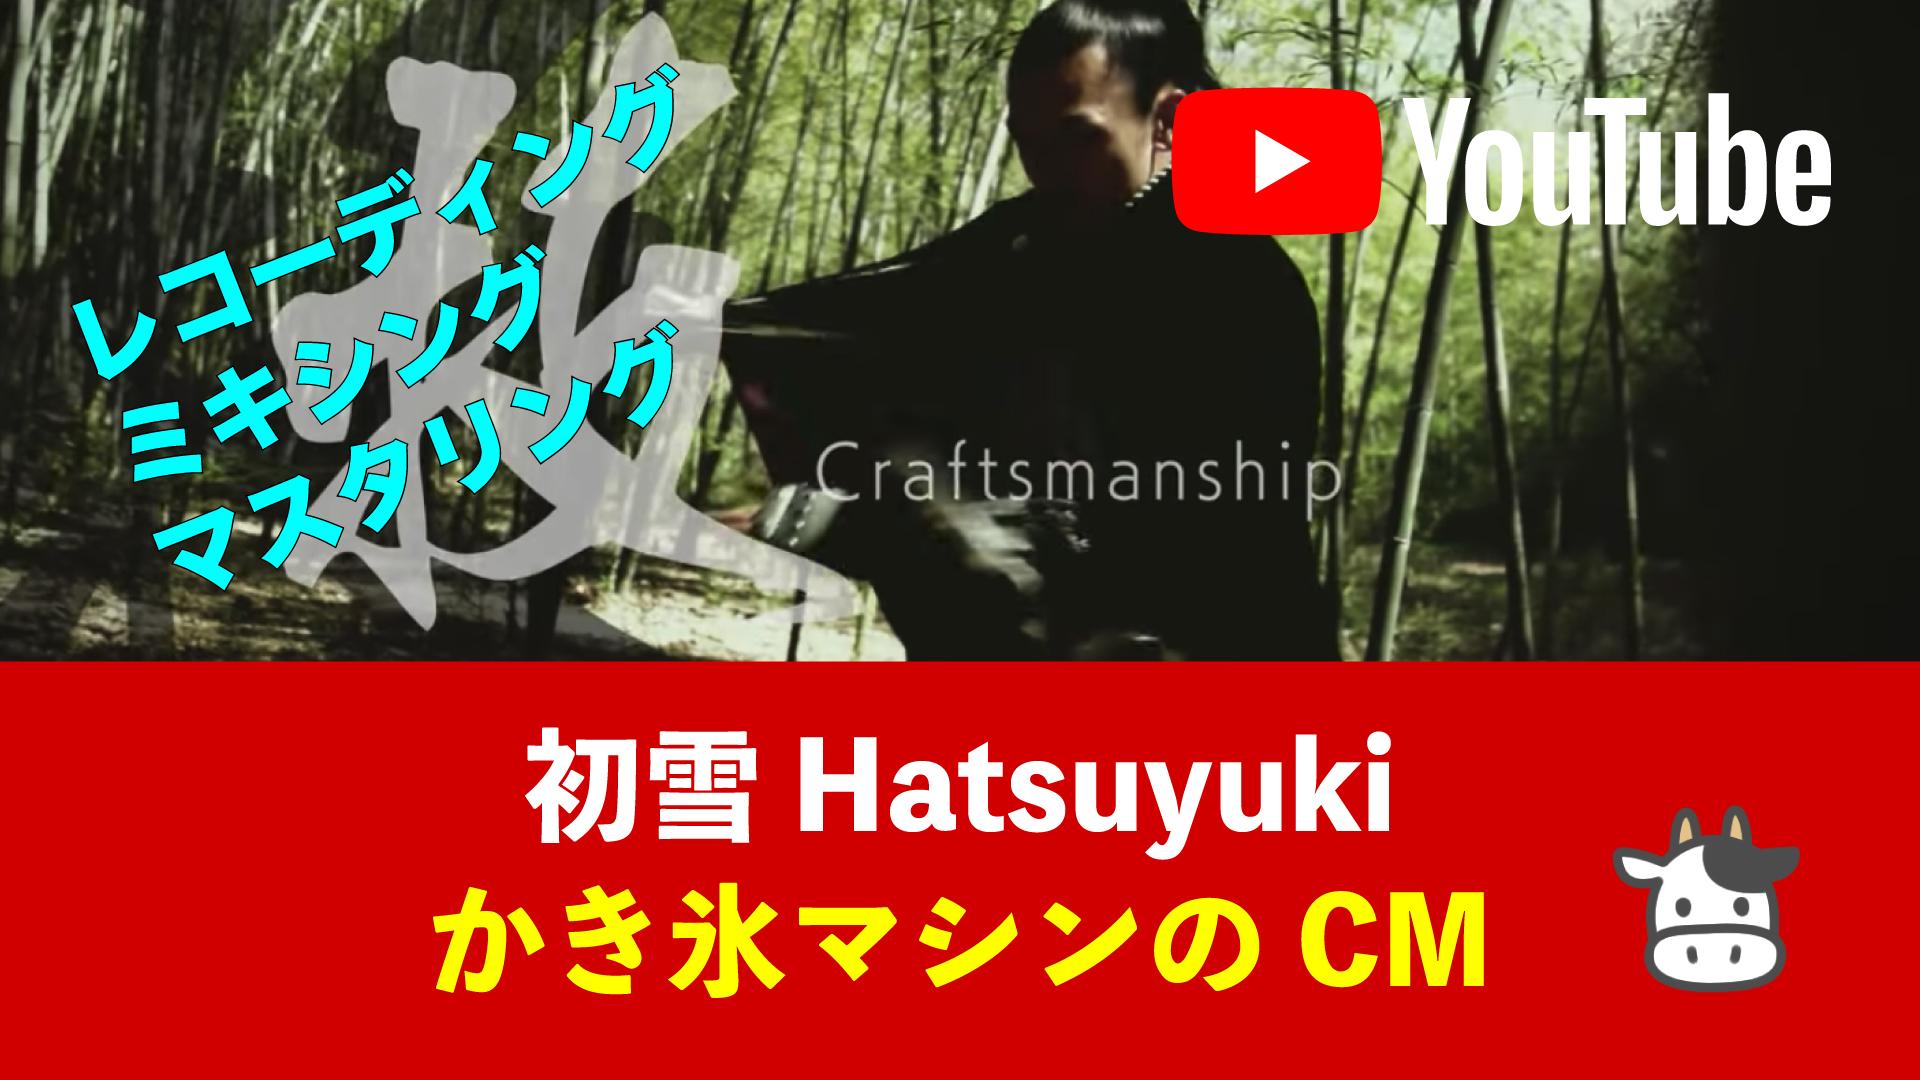 HATSUYUKI 初雪 カキ氷機